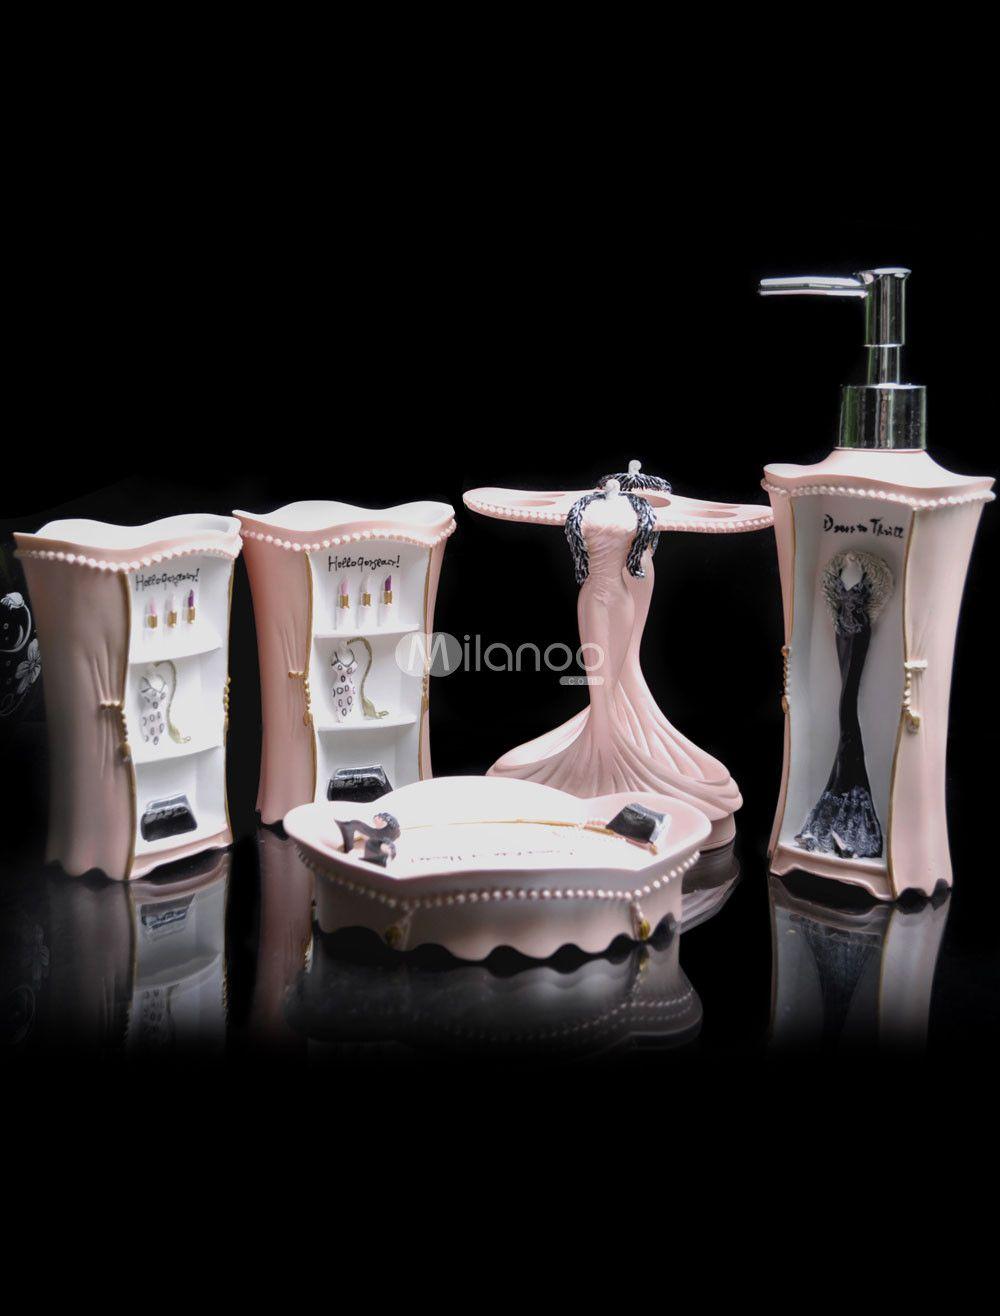 accessoires salle de bain rose recherche google articles de bains pinterest - Accessoire De Salle De Bain Rose